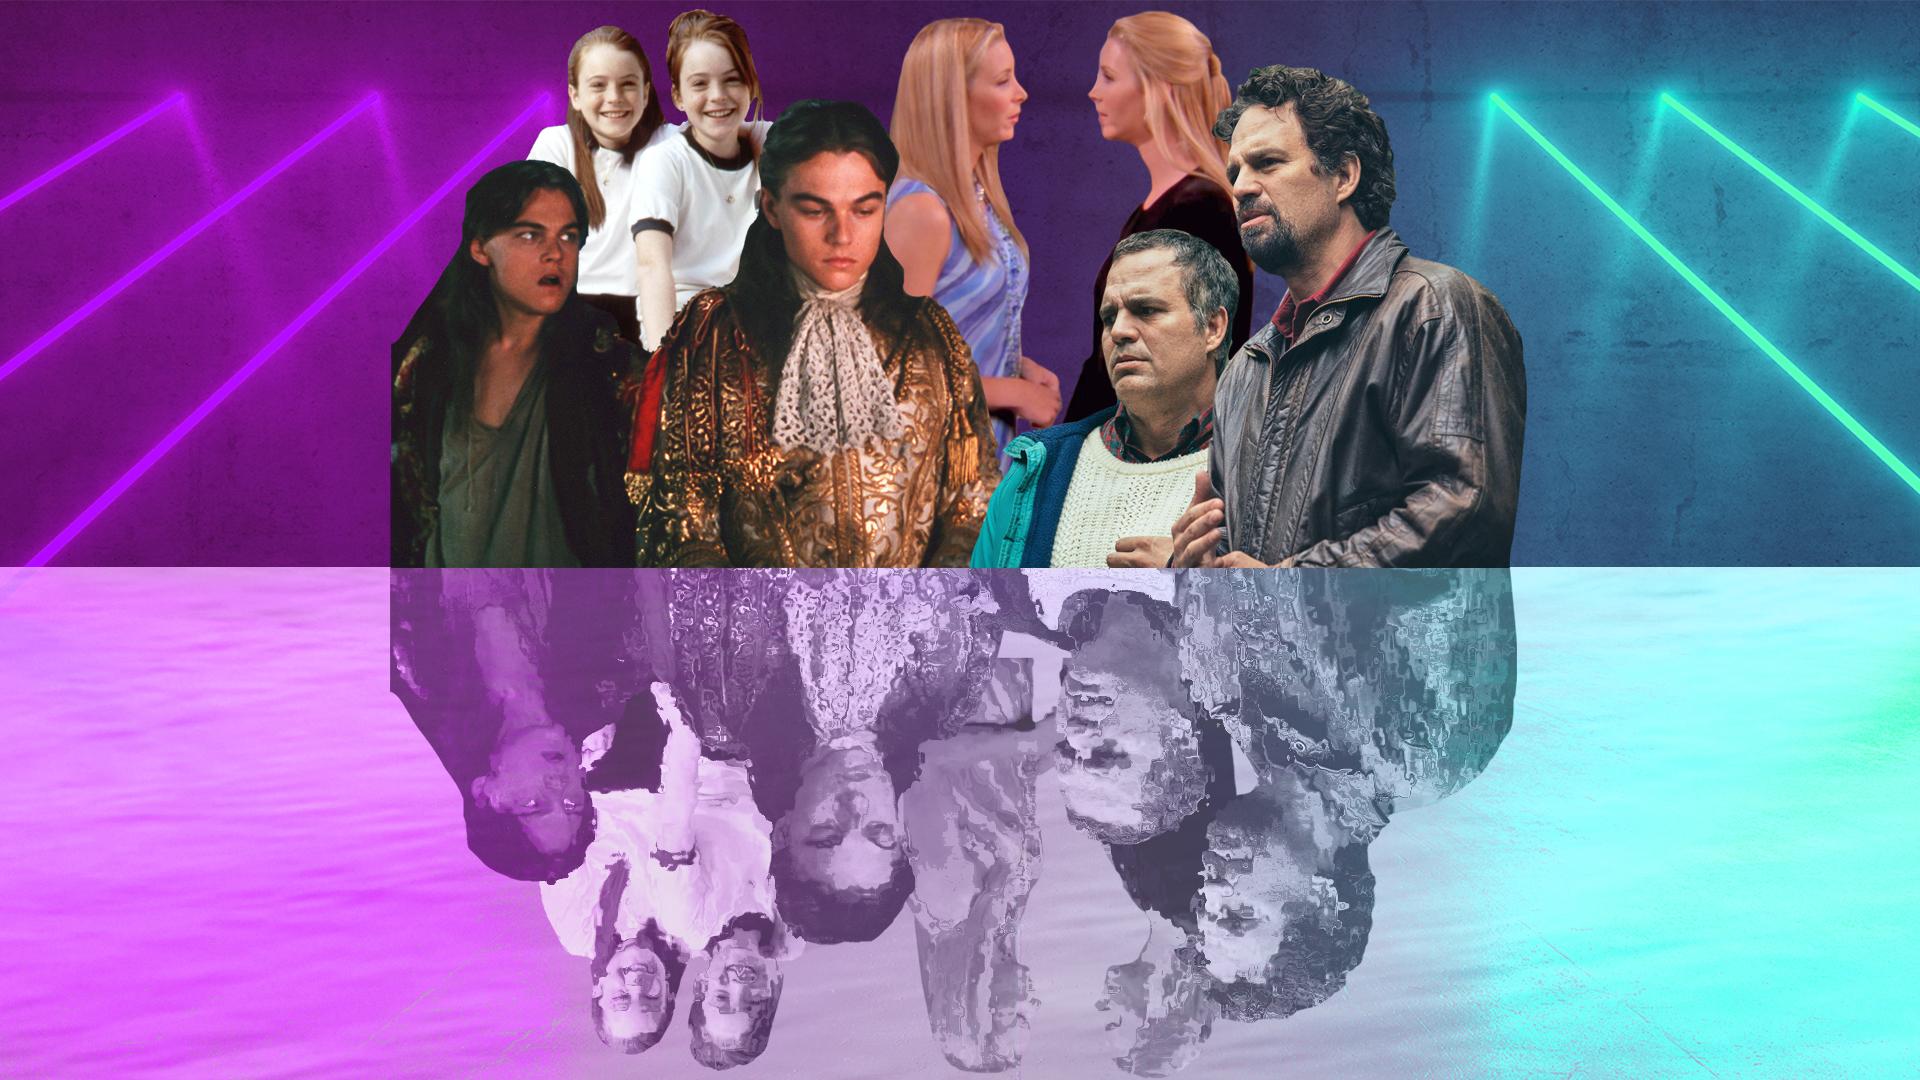 Stars Playing Twins, Mark Ruffalo, Lisa Kudrow, Lindsay Lohan, Leonardo DiCaprio